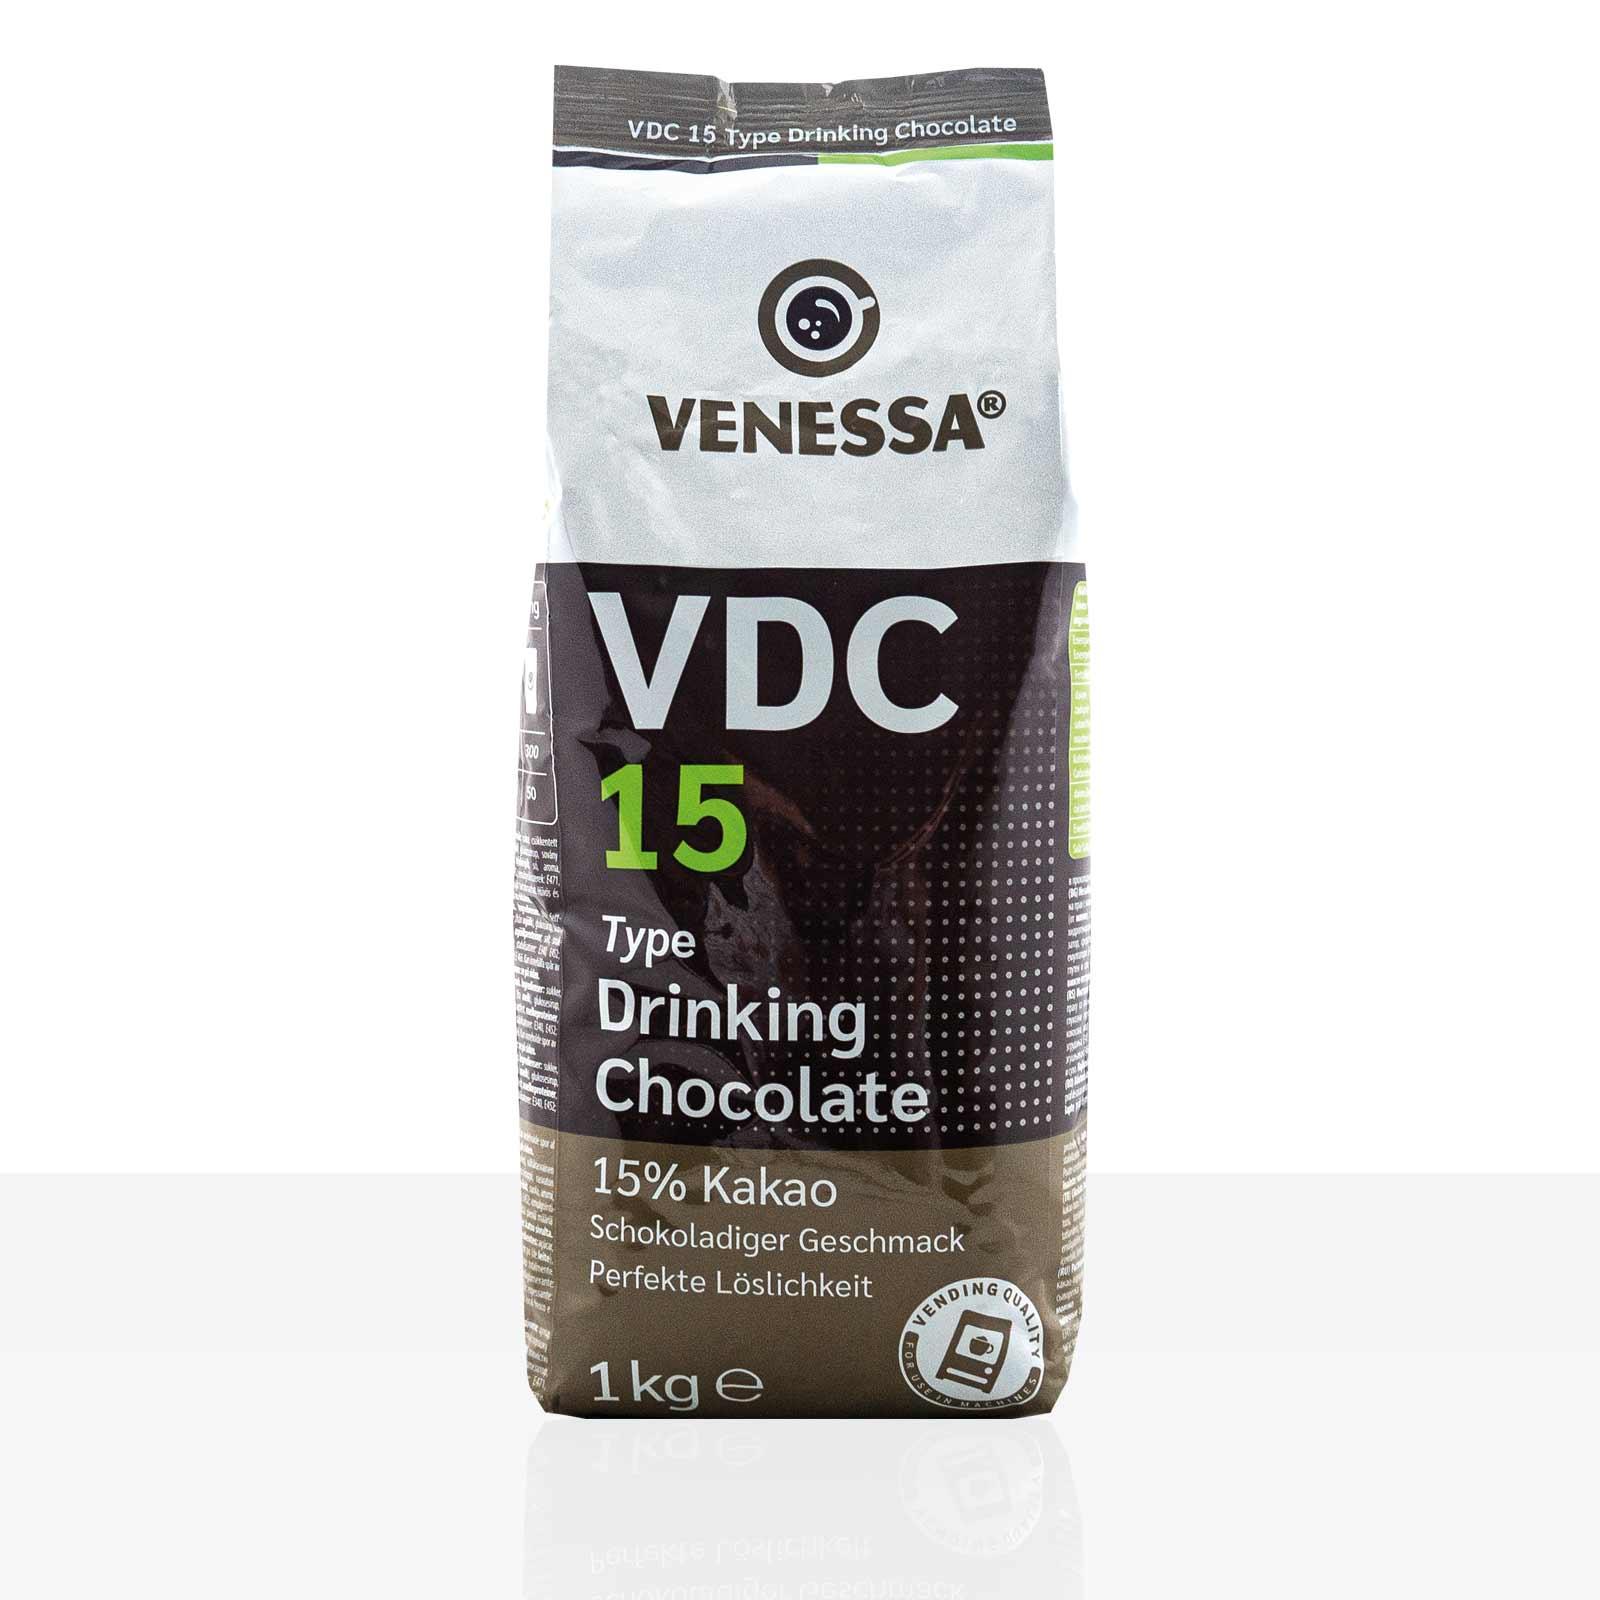 Venessa VDC 15 Kakao 1kg, Kakaopulver 15%